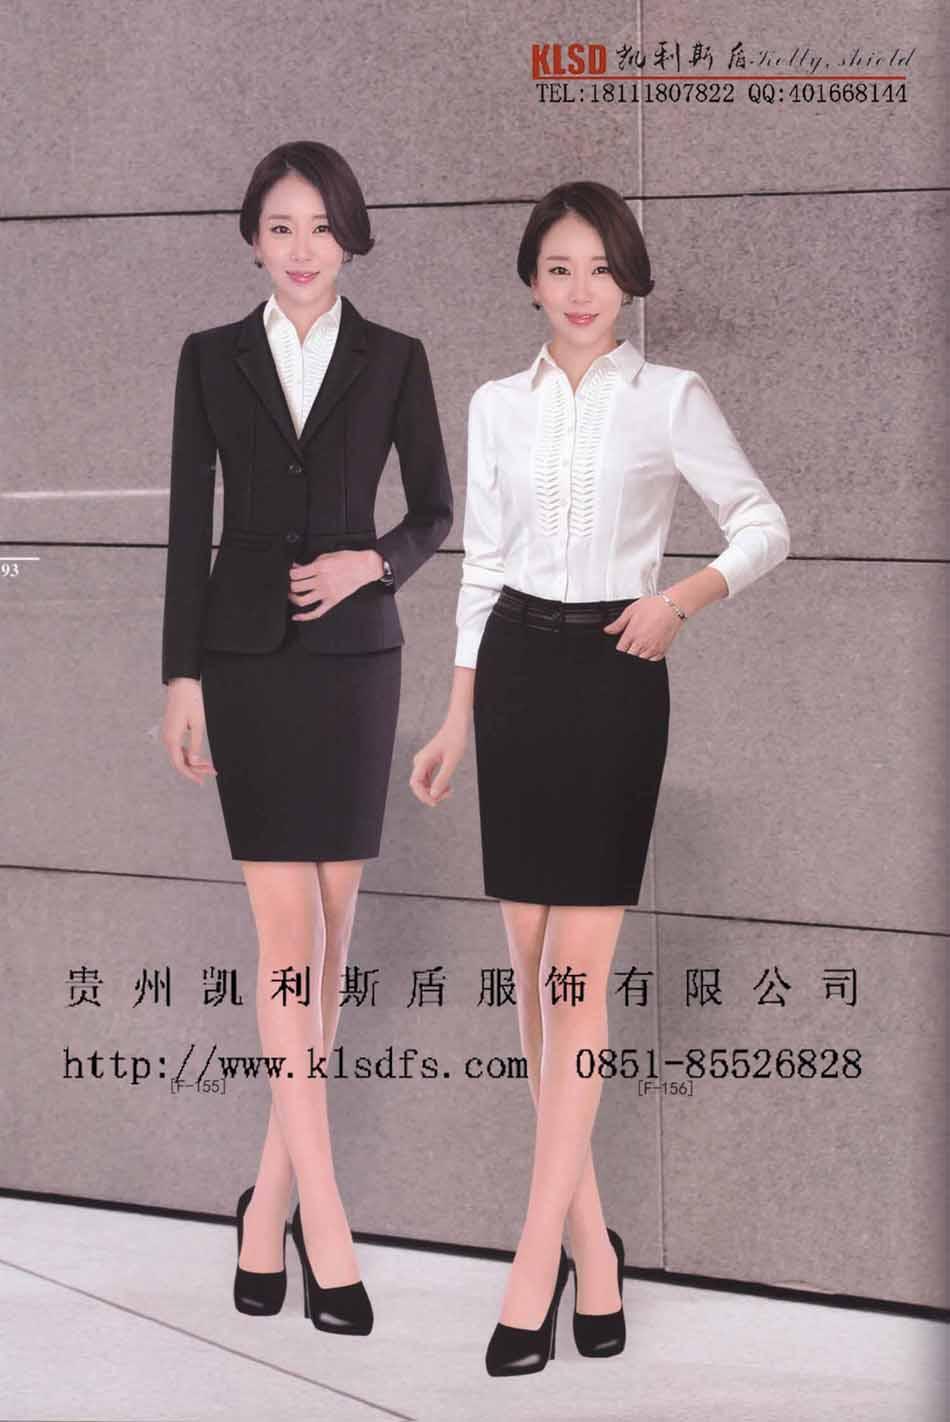 乌当高端女装——款式新颖的高端女装出售